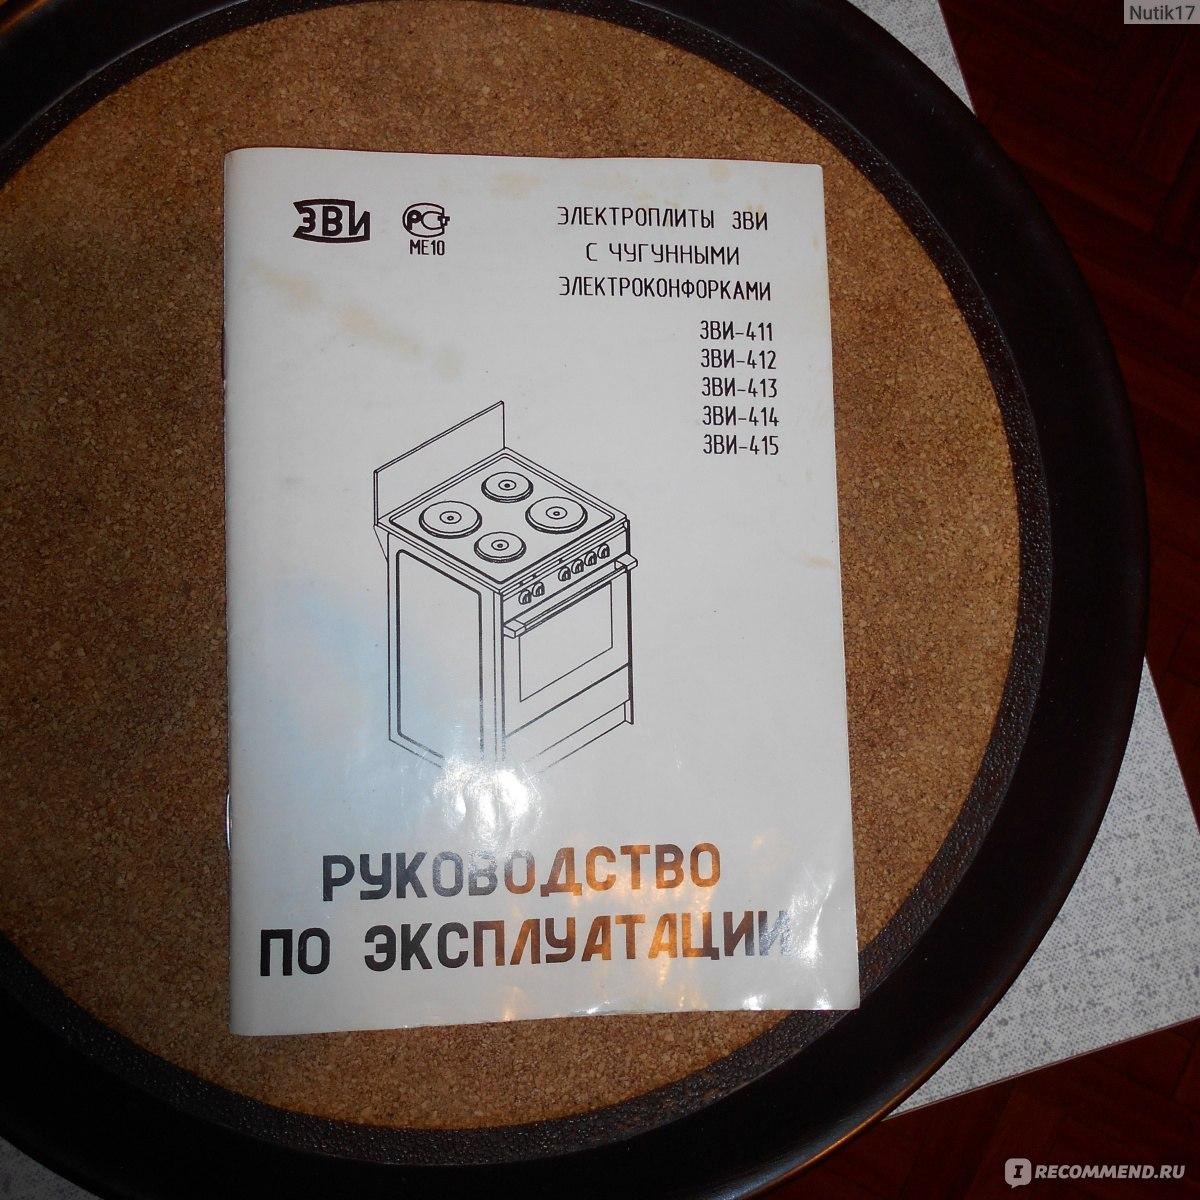 Плита зви 430 инструкция